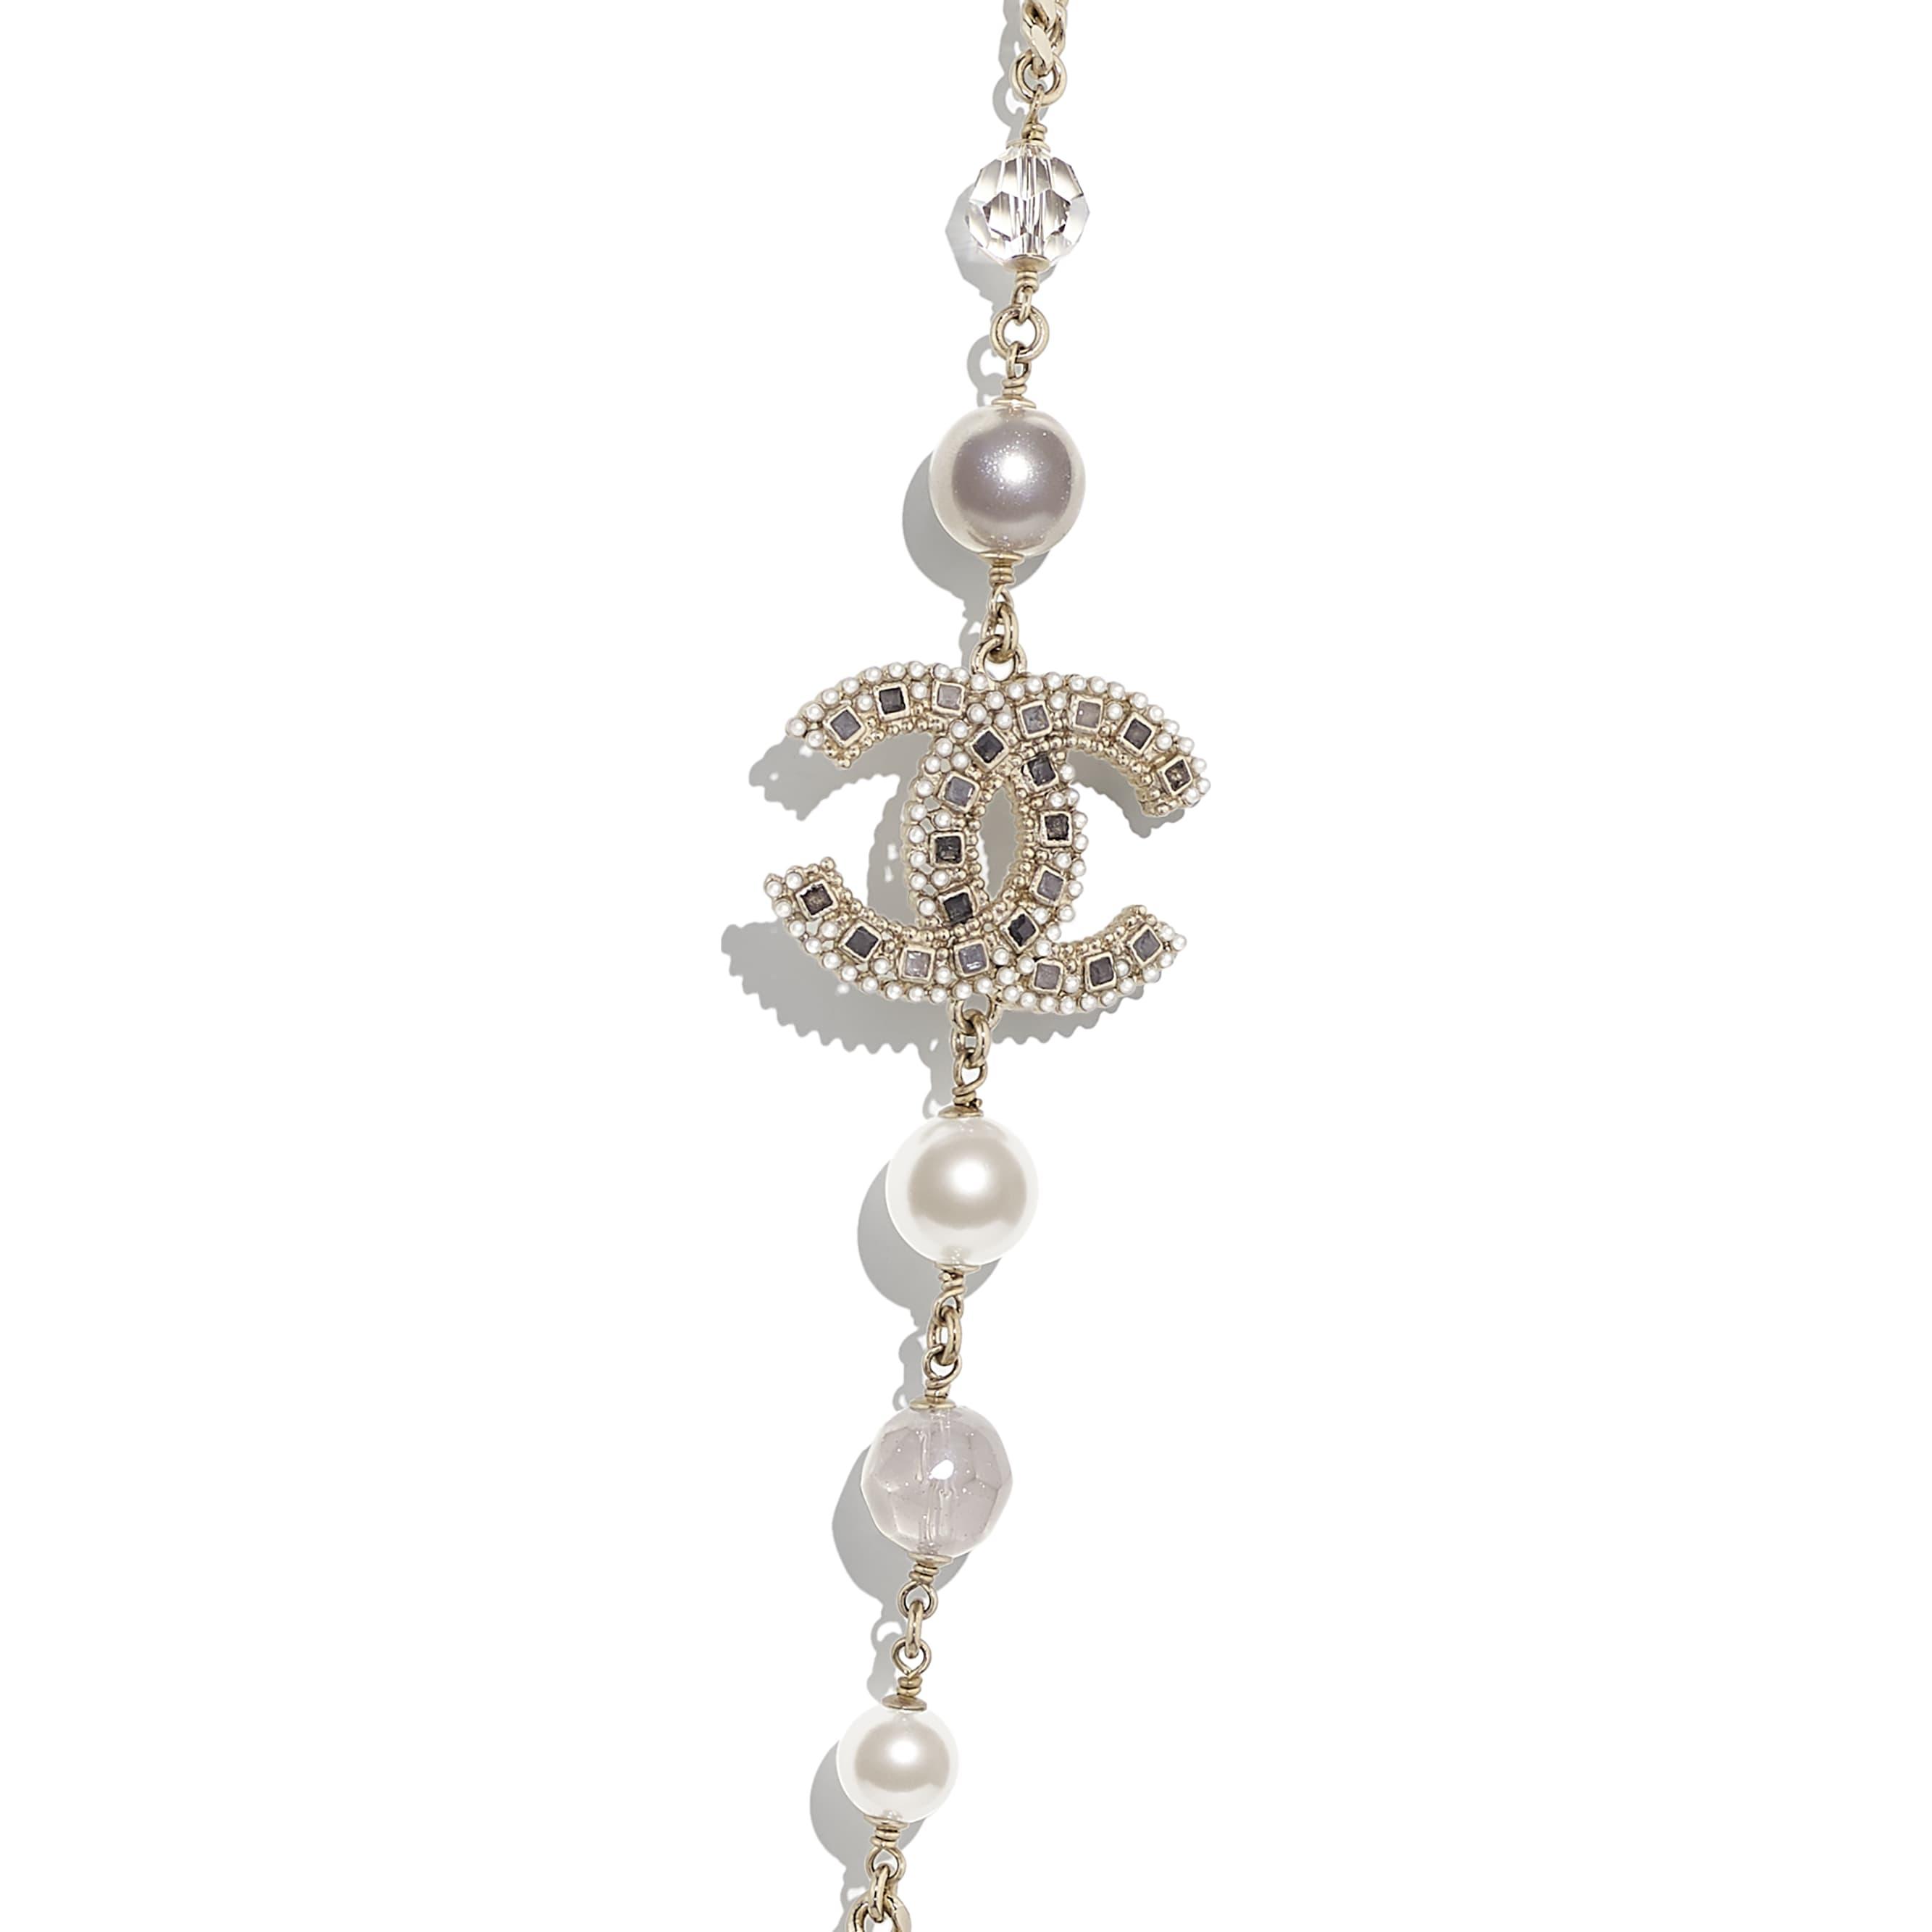 Sautoir - Doré, blanc nacré, gris & cristal - Métal, perles de verre, verre & strass - CHANEL - Autre vue - voir la version taille standard